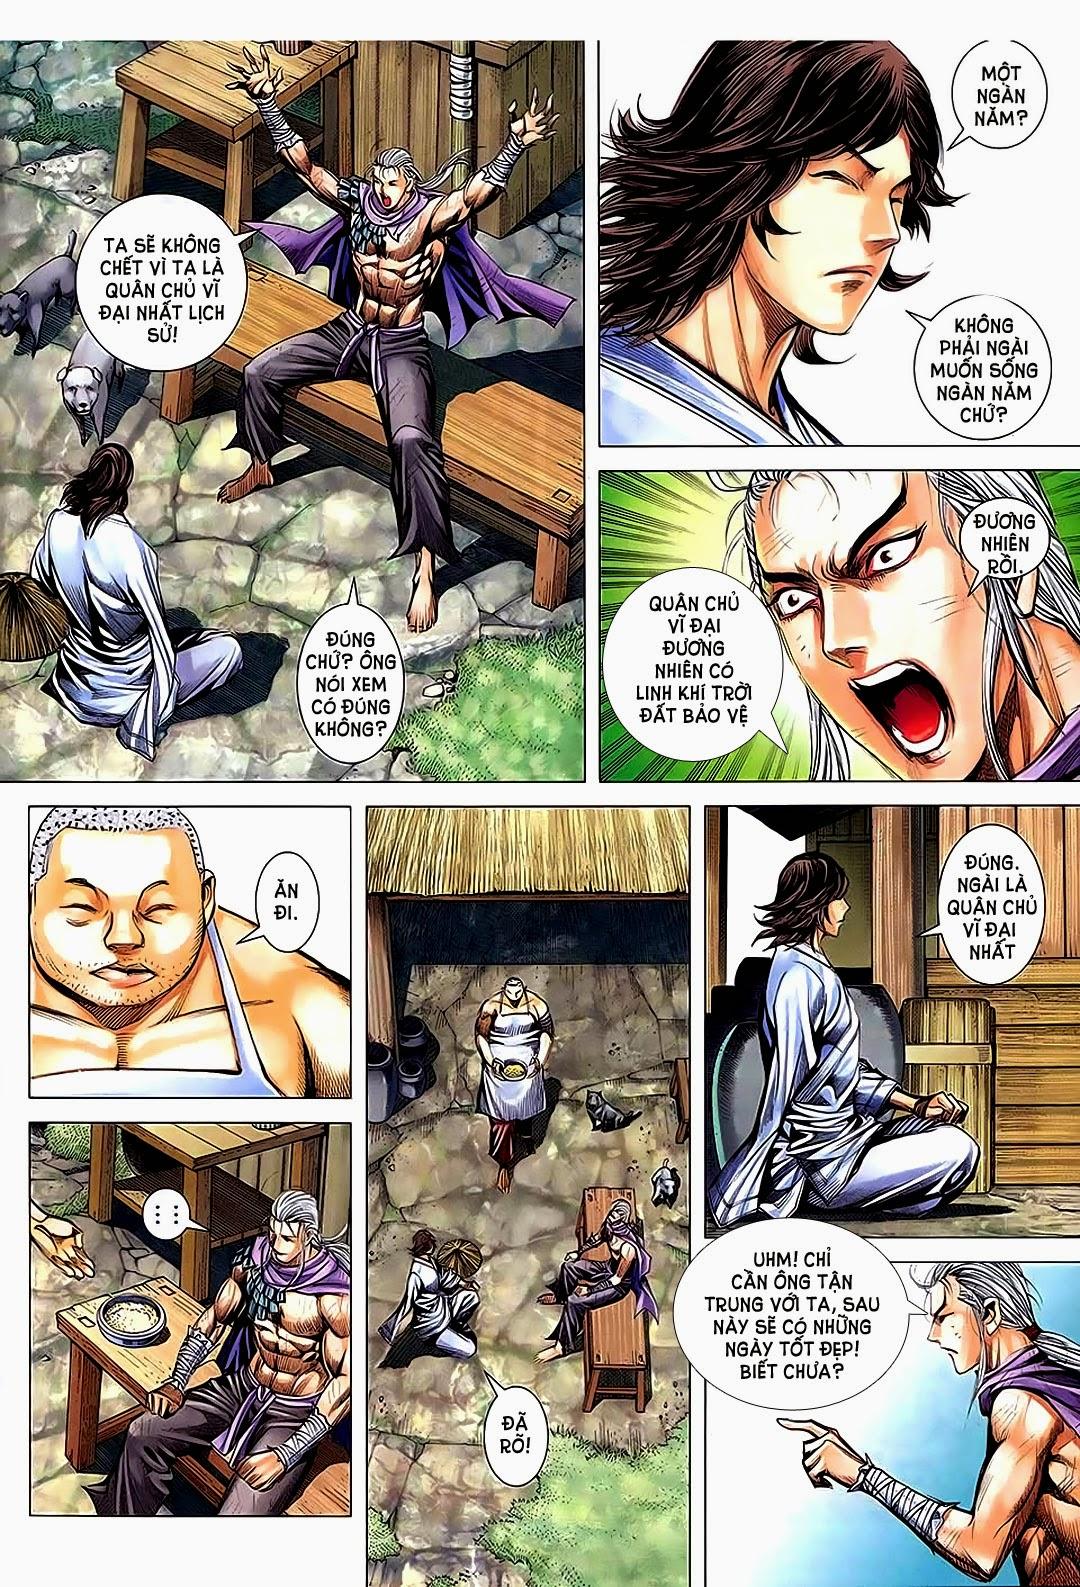 Phong Thần Ký Chap 182 - Trang 4